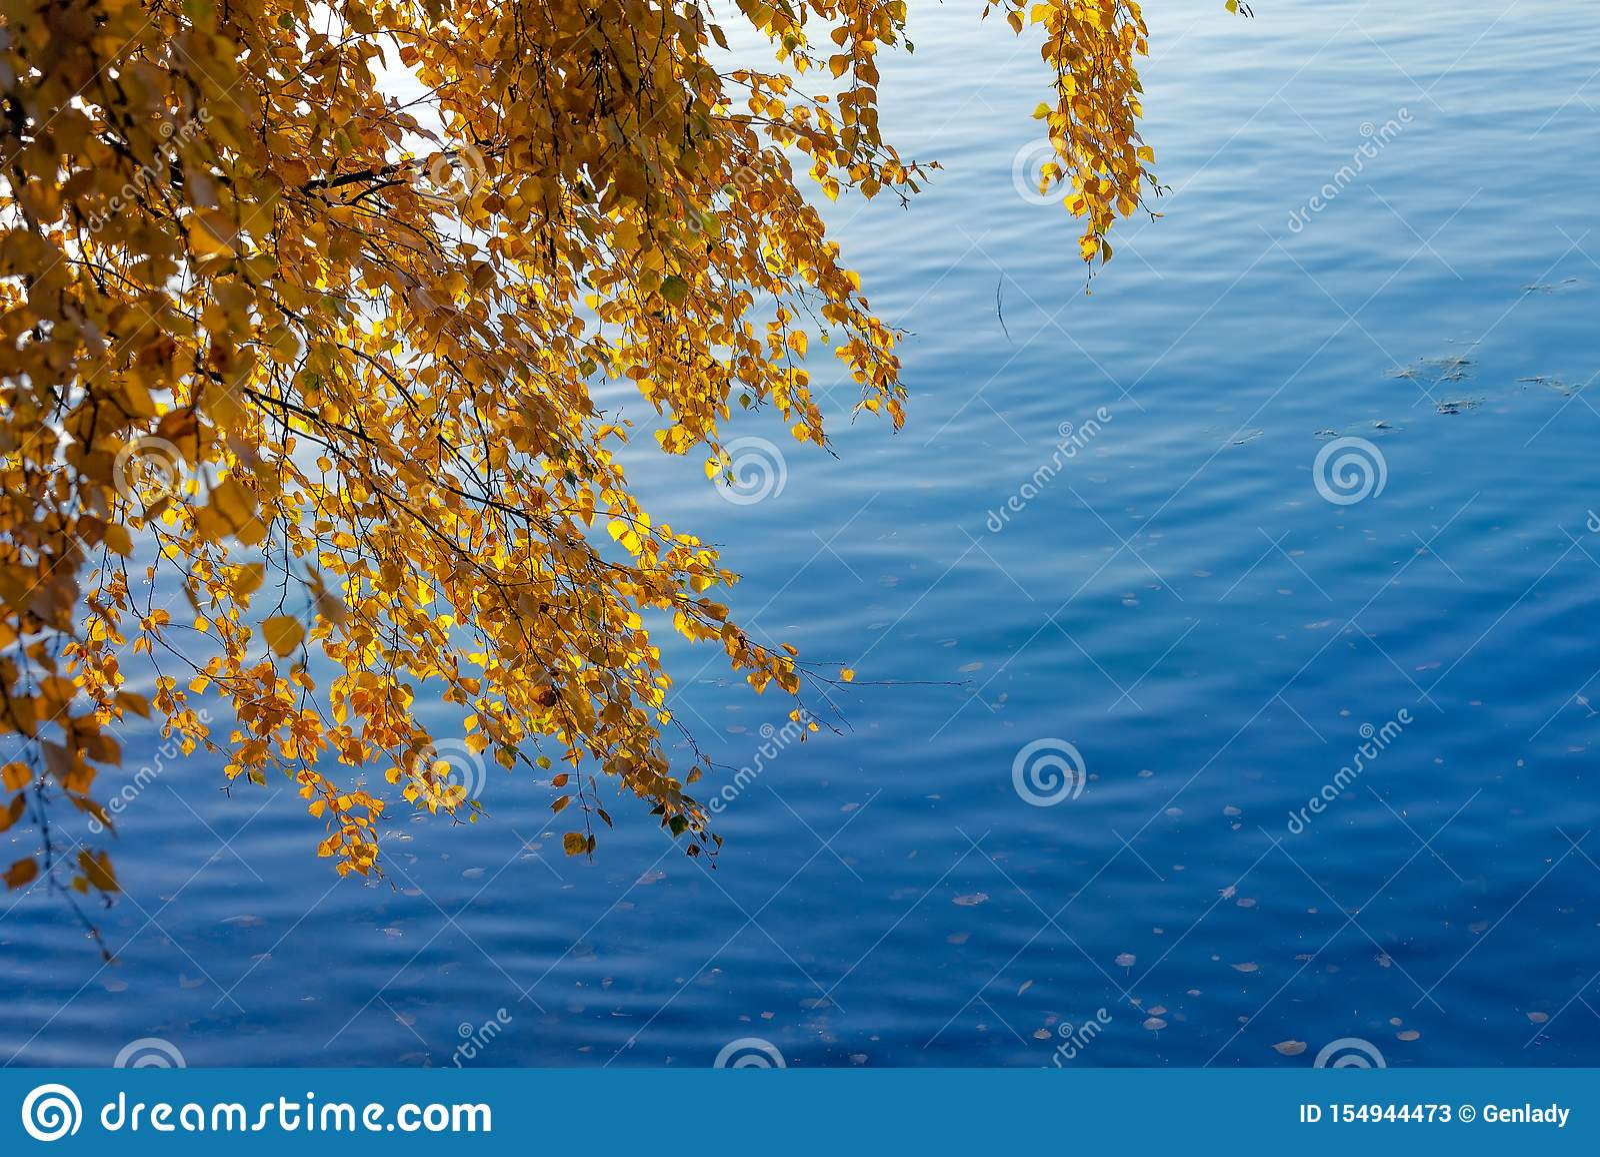 Желтые листья осени на ветвях березы над голубым рекой в падении